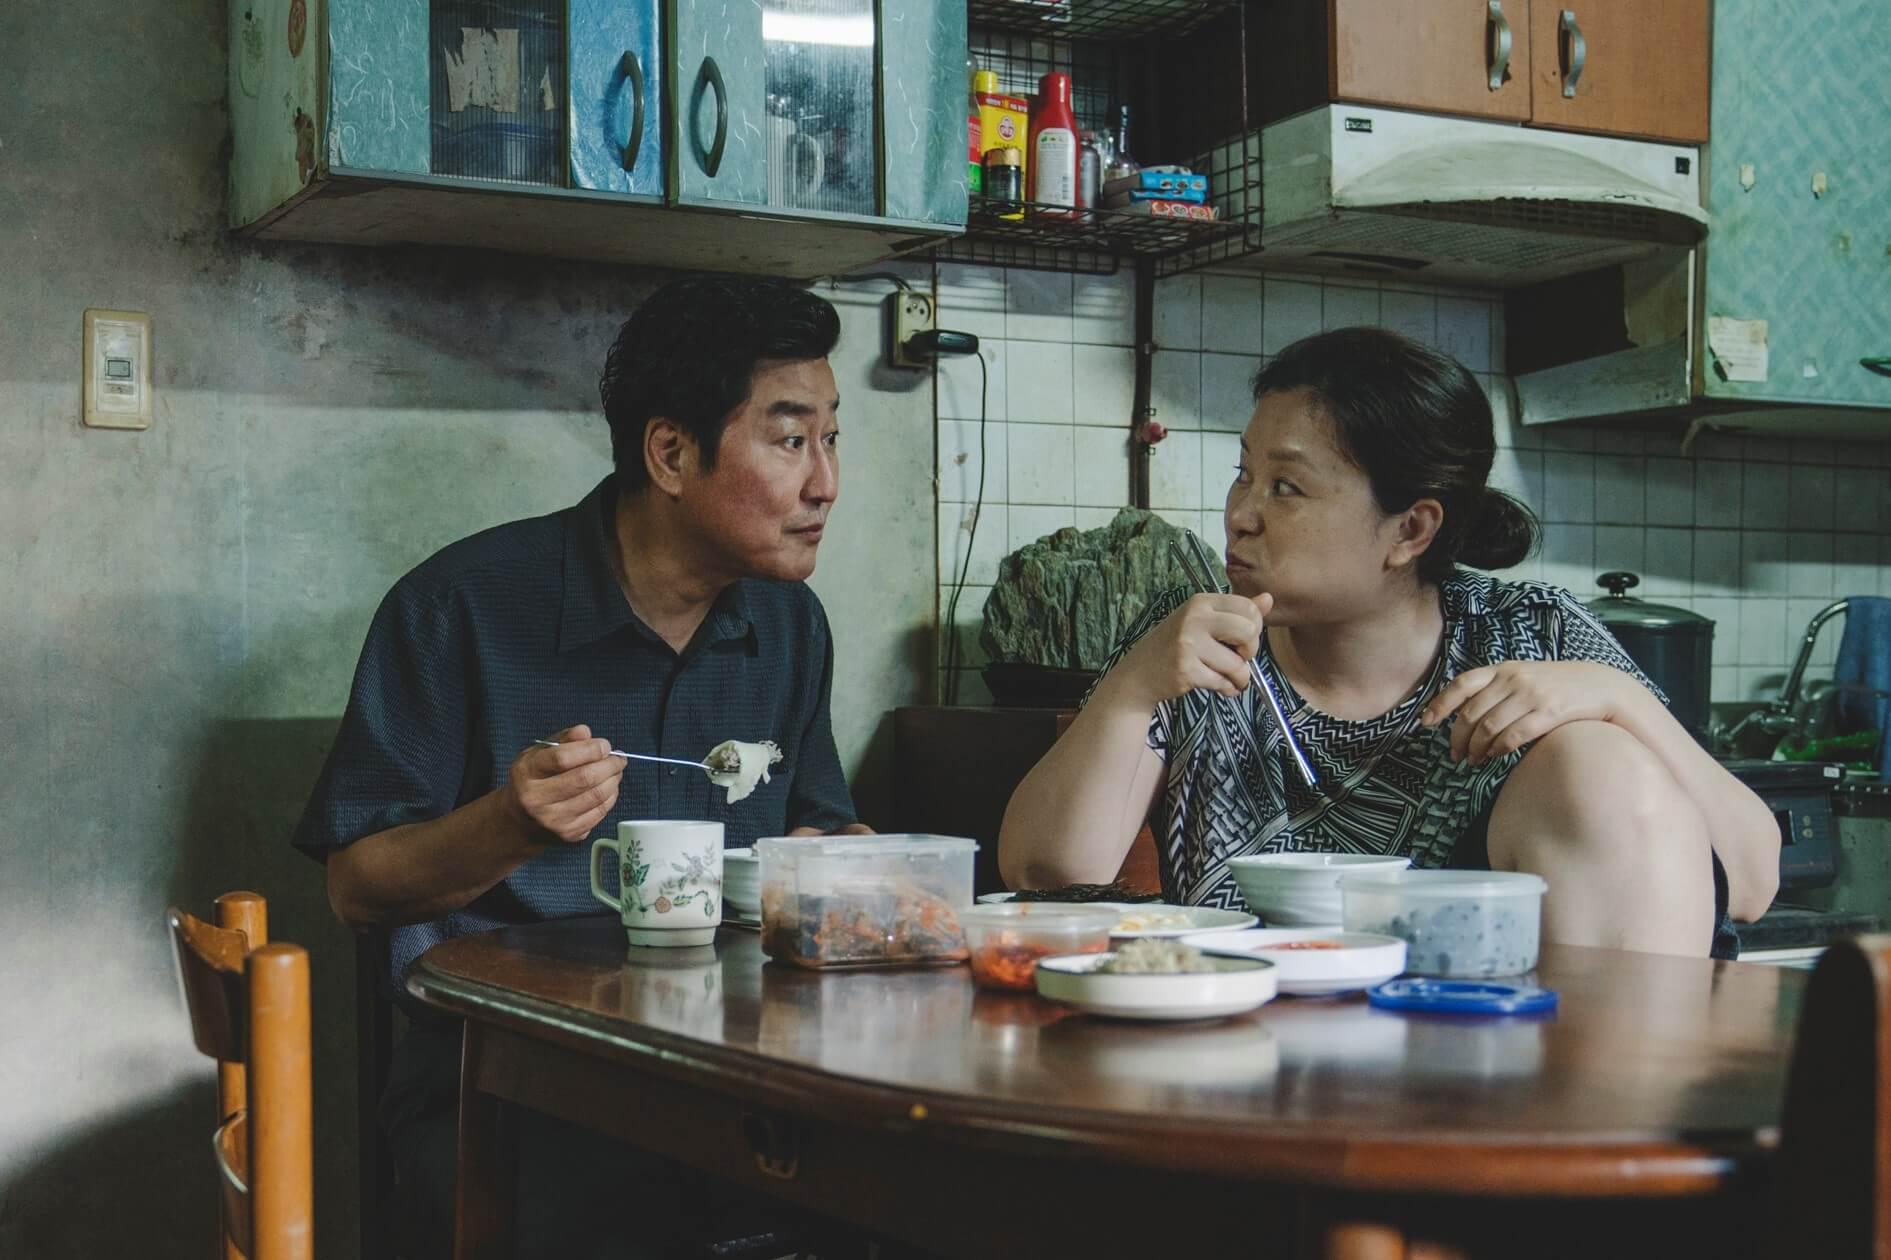 『パラサイト 半地下の家族』に日本映画界の著名人も注目!是枝裕和、西川美和、李相日らからのコメントが到着 film191025_parasite_main